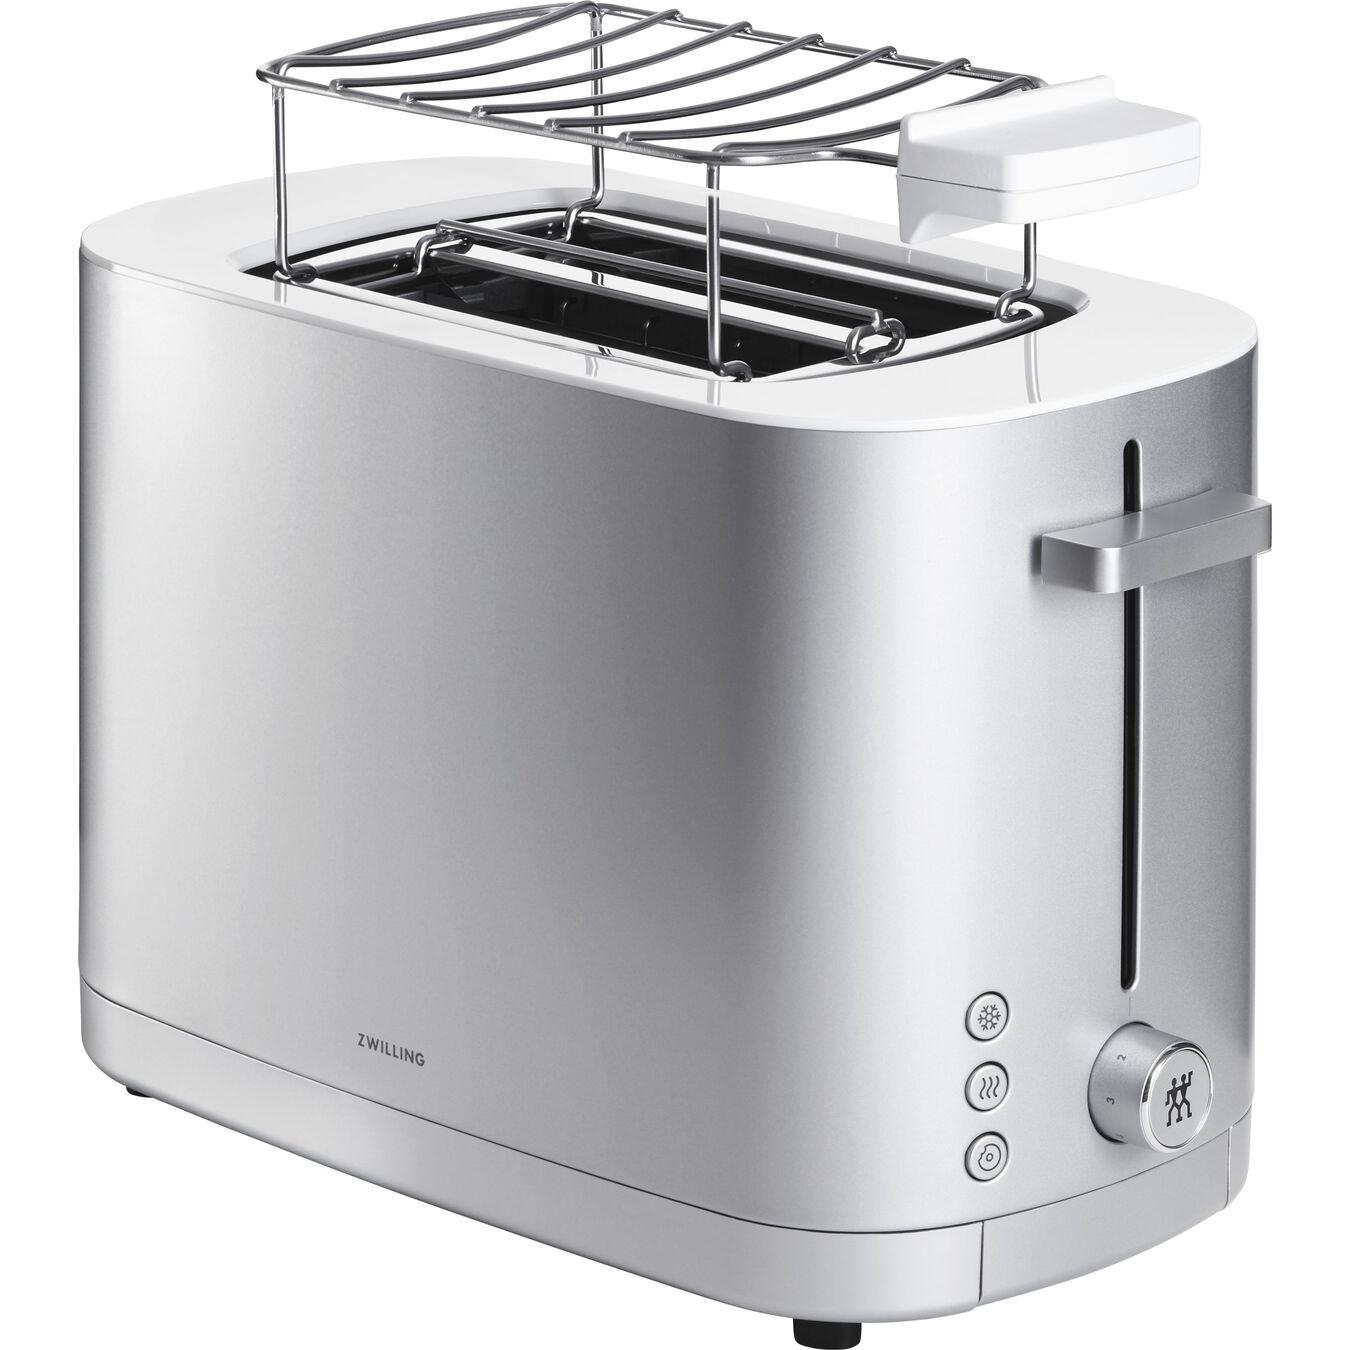 Ekmek Kızartma Makinesi çörek ısıtıcılı | 2 yuva 2 dilim,,large 1